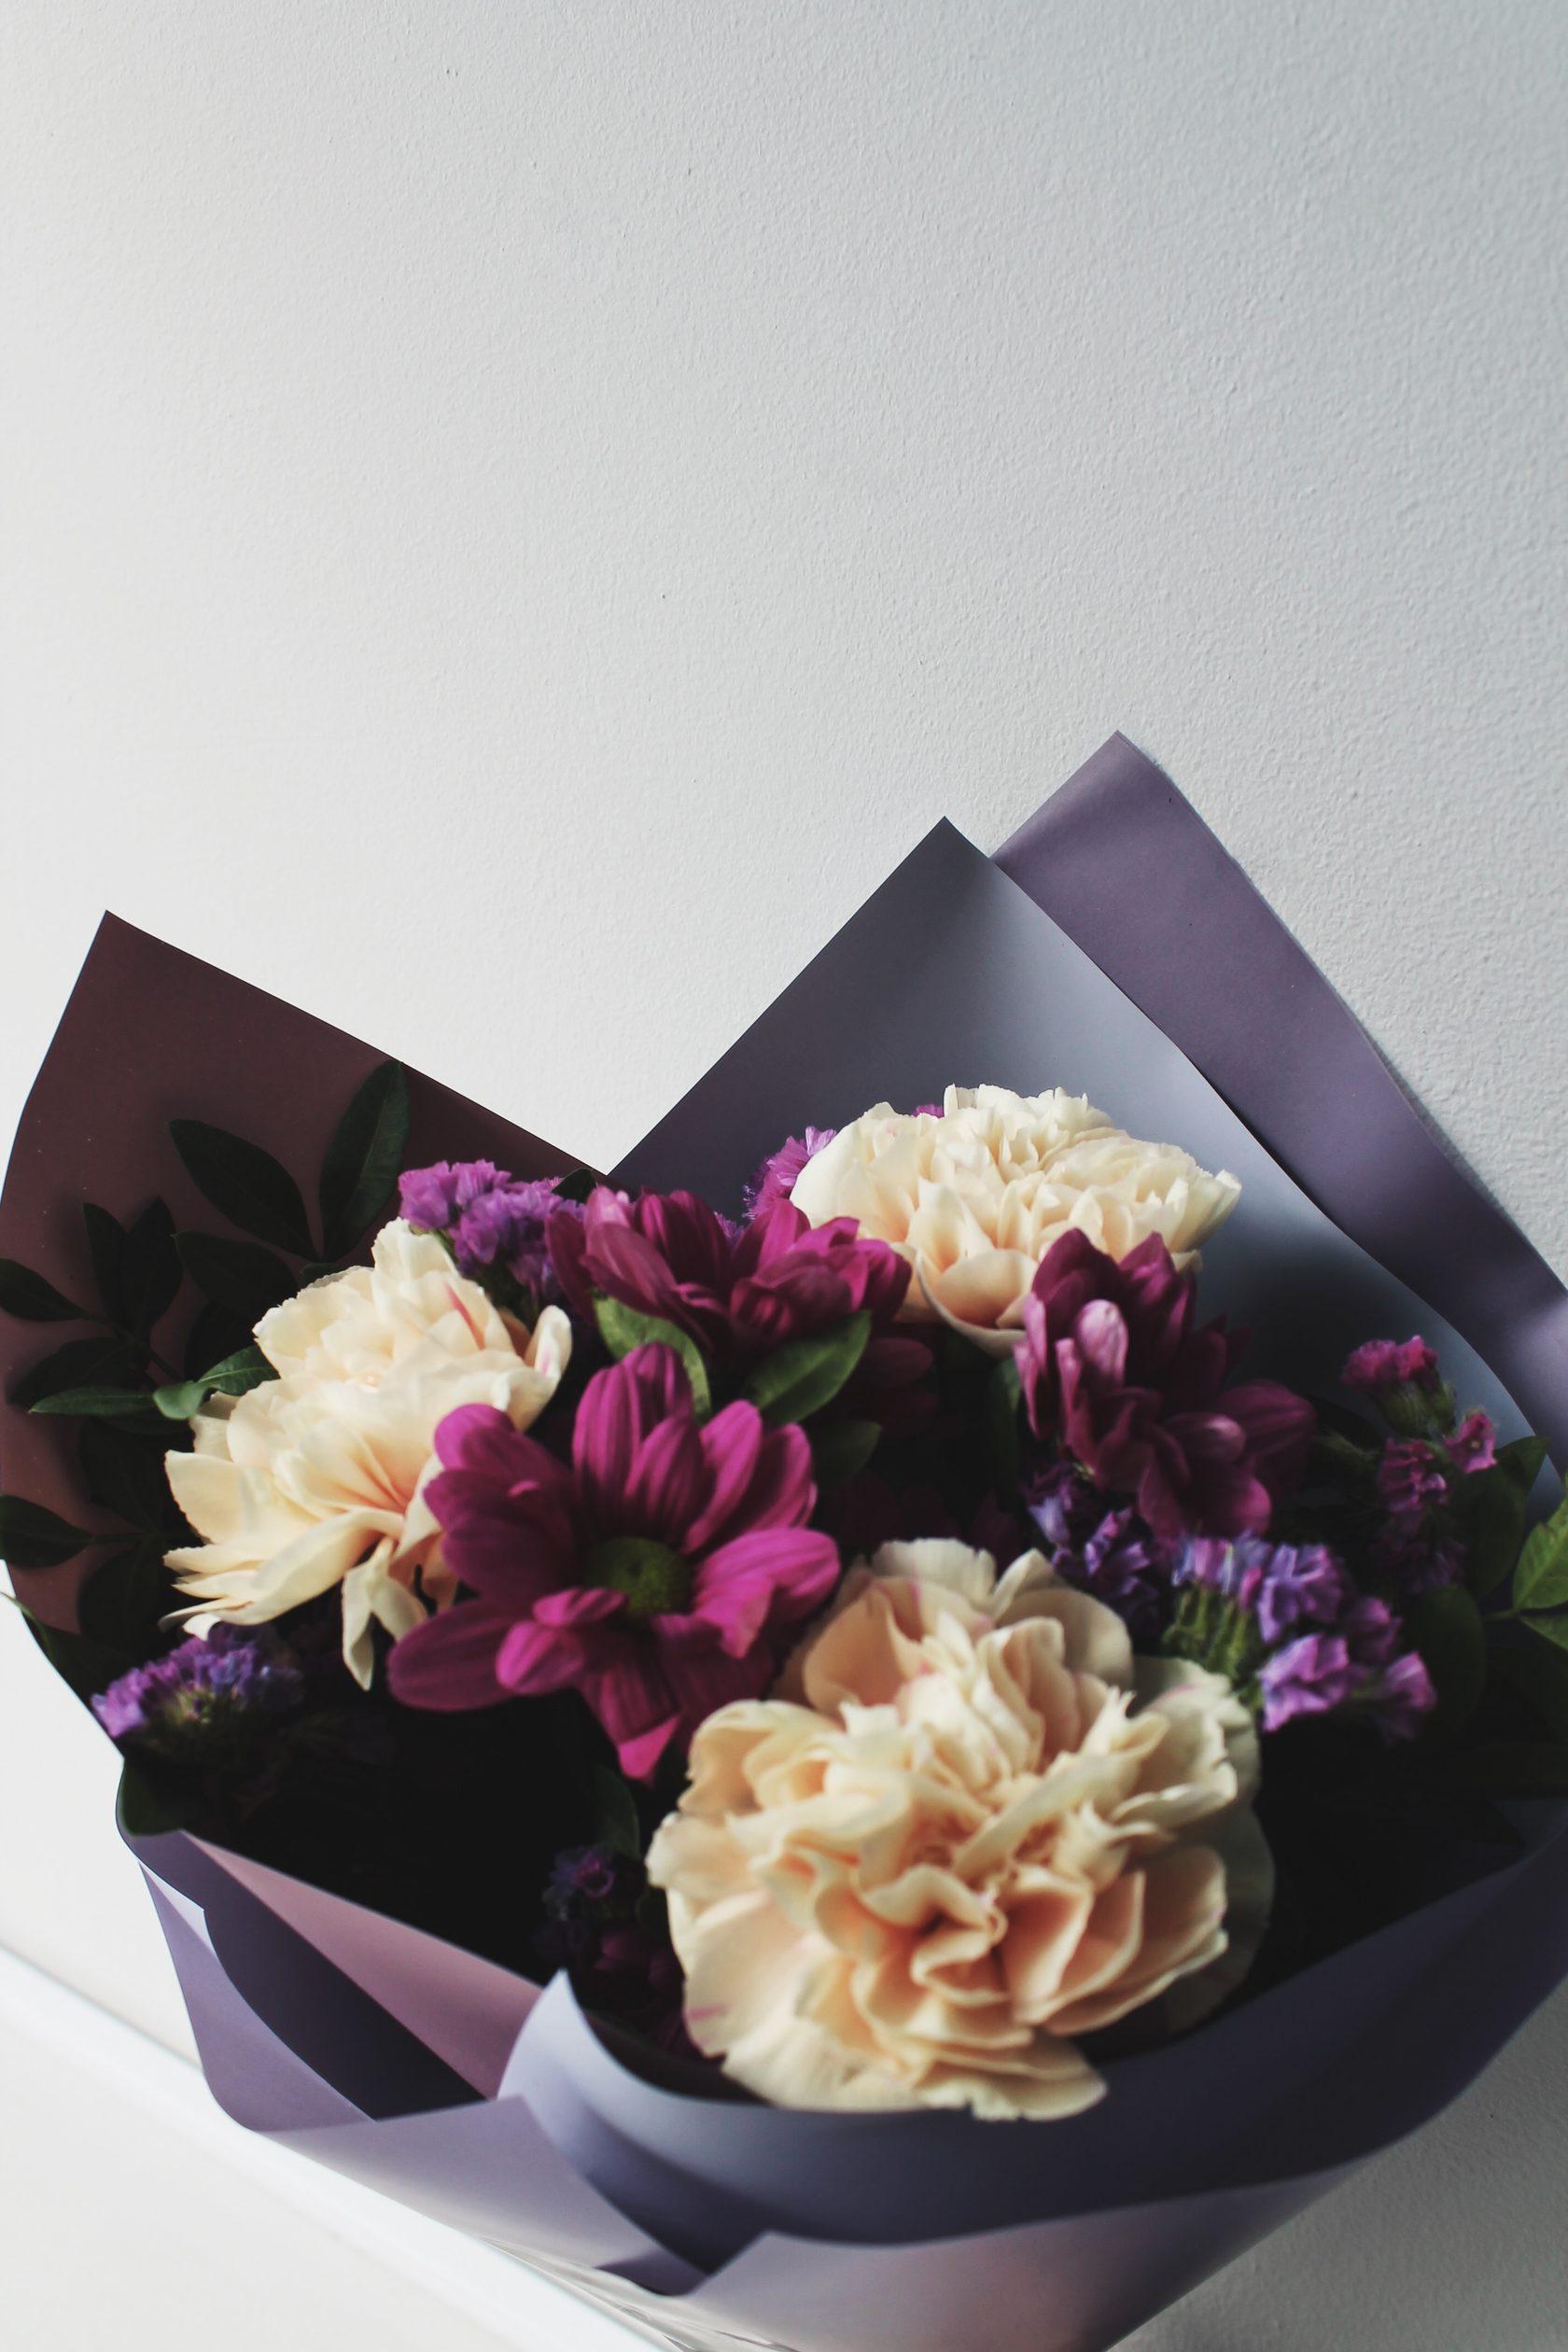 Круглосуточная доставка цветов и подарков в самаре, медведя цветов